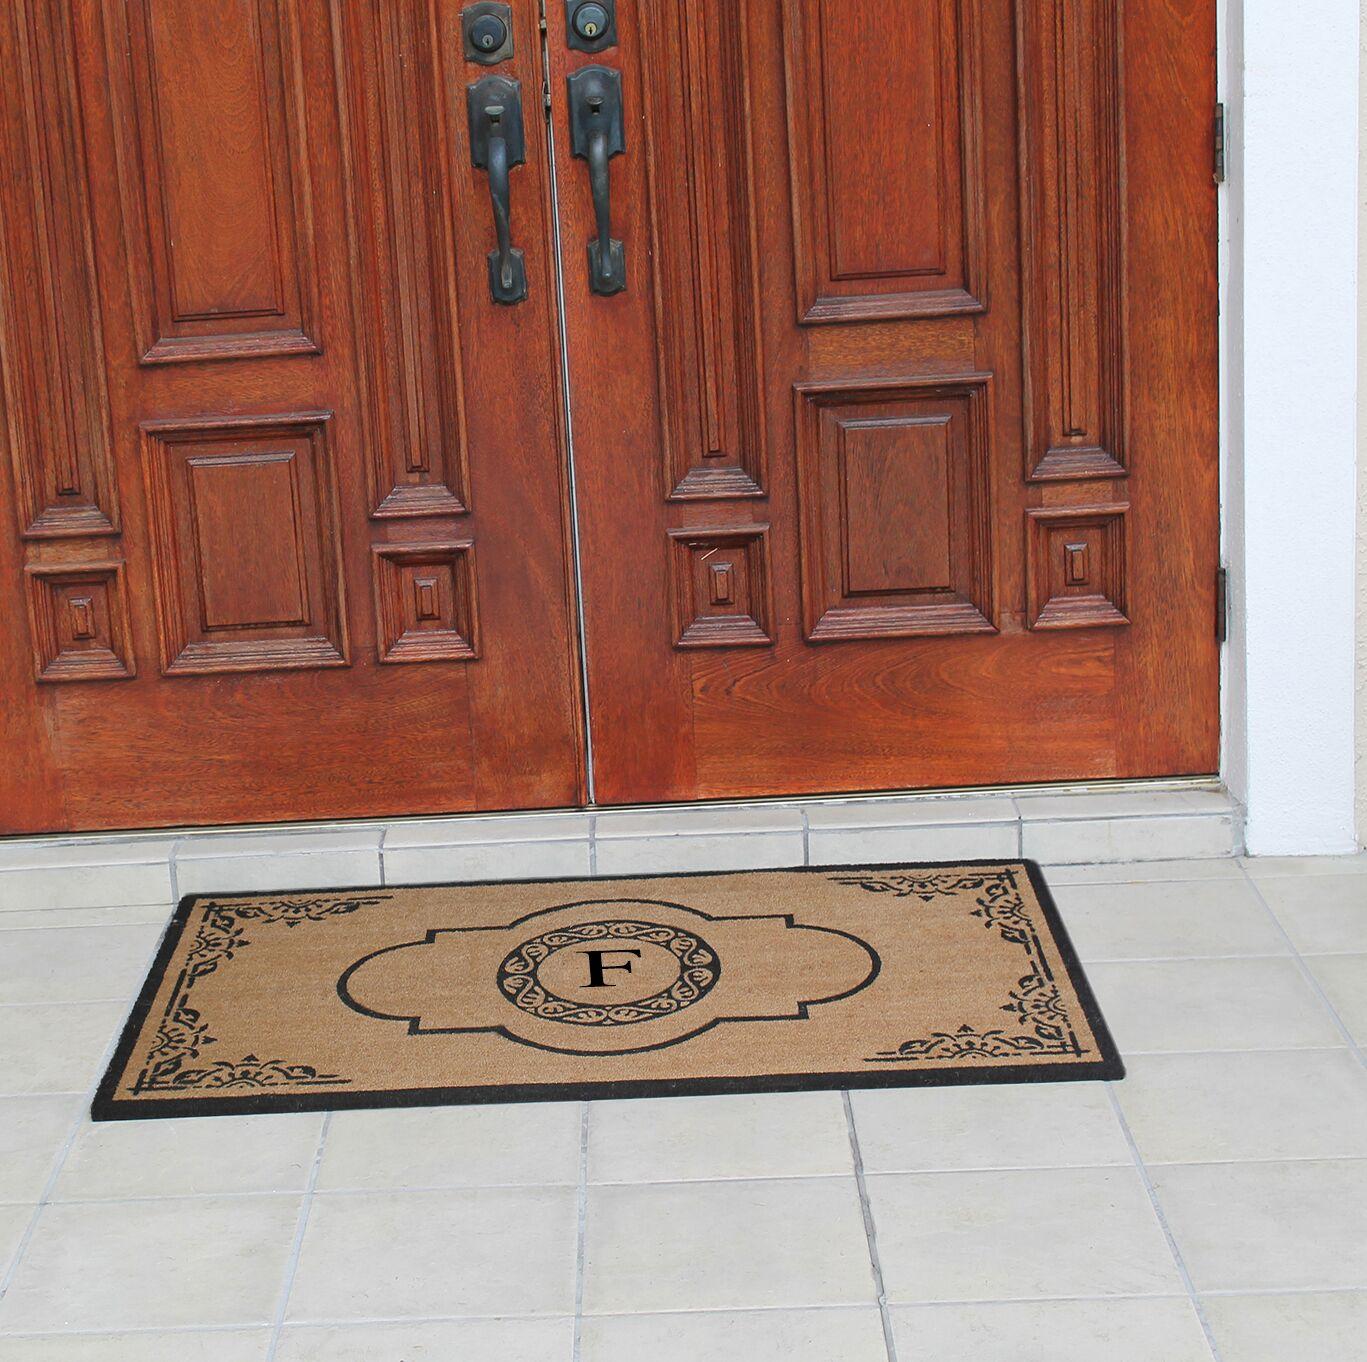 Abbot Bridge Monogrammed Doormat Letter: F